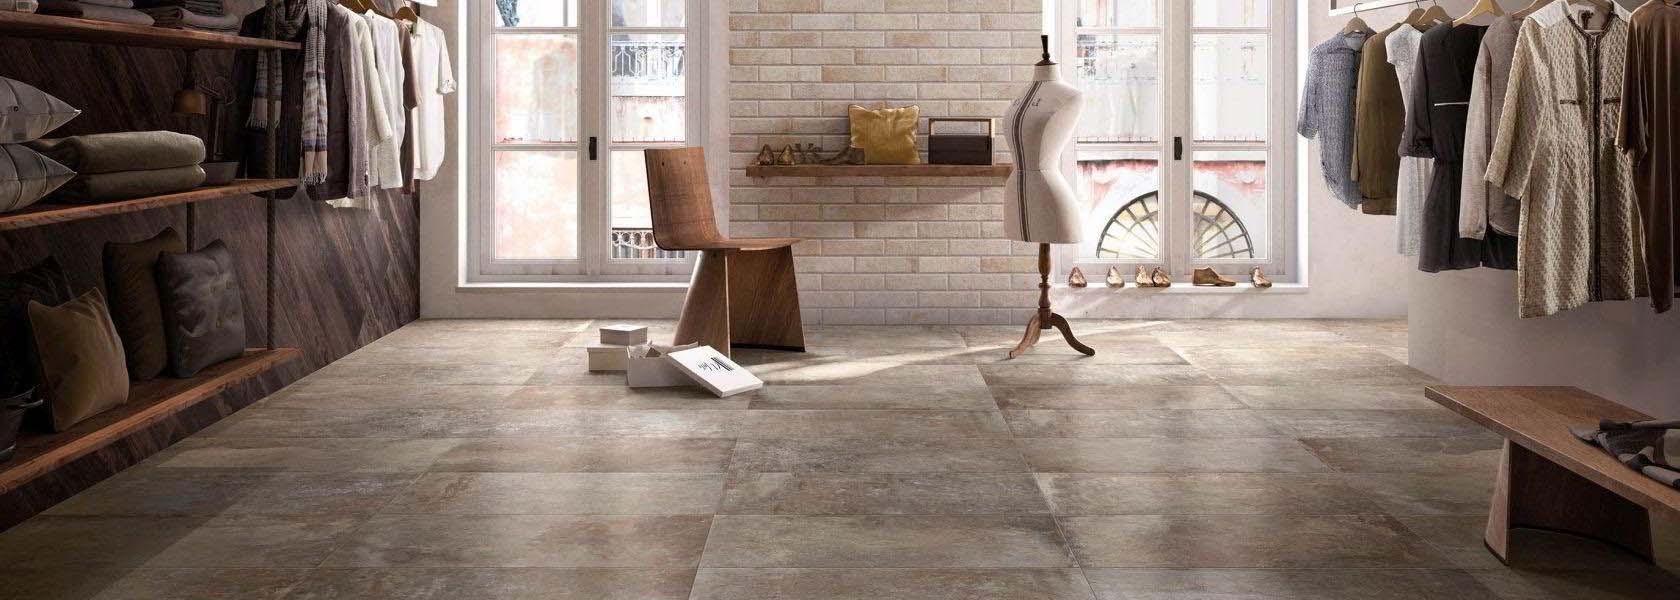 Gres Porcellanato Effetto Marmo Difetti gres porcellanato milano - rivestimenti pavimenti milano